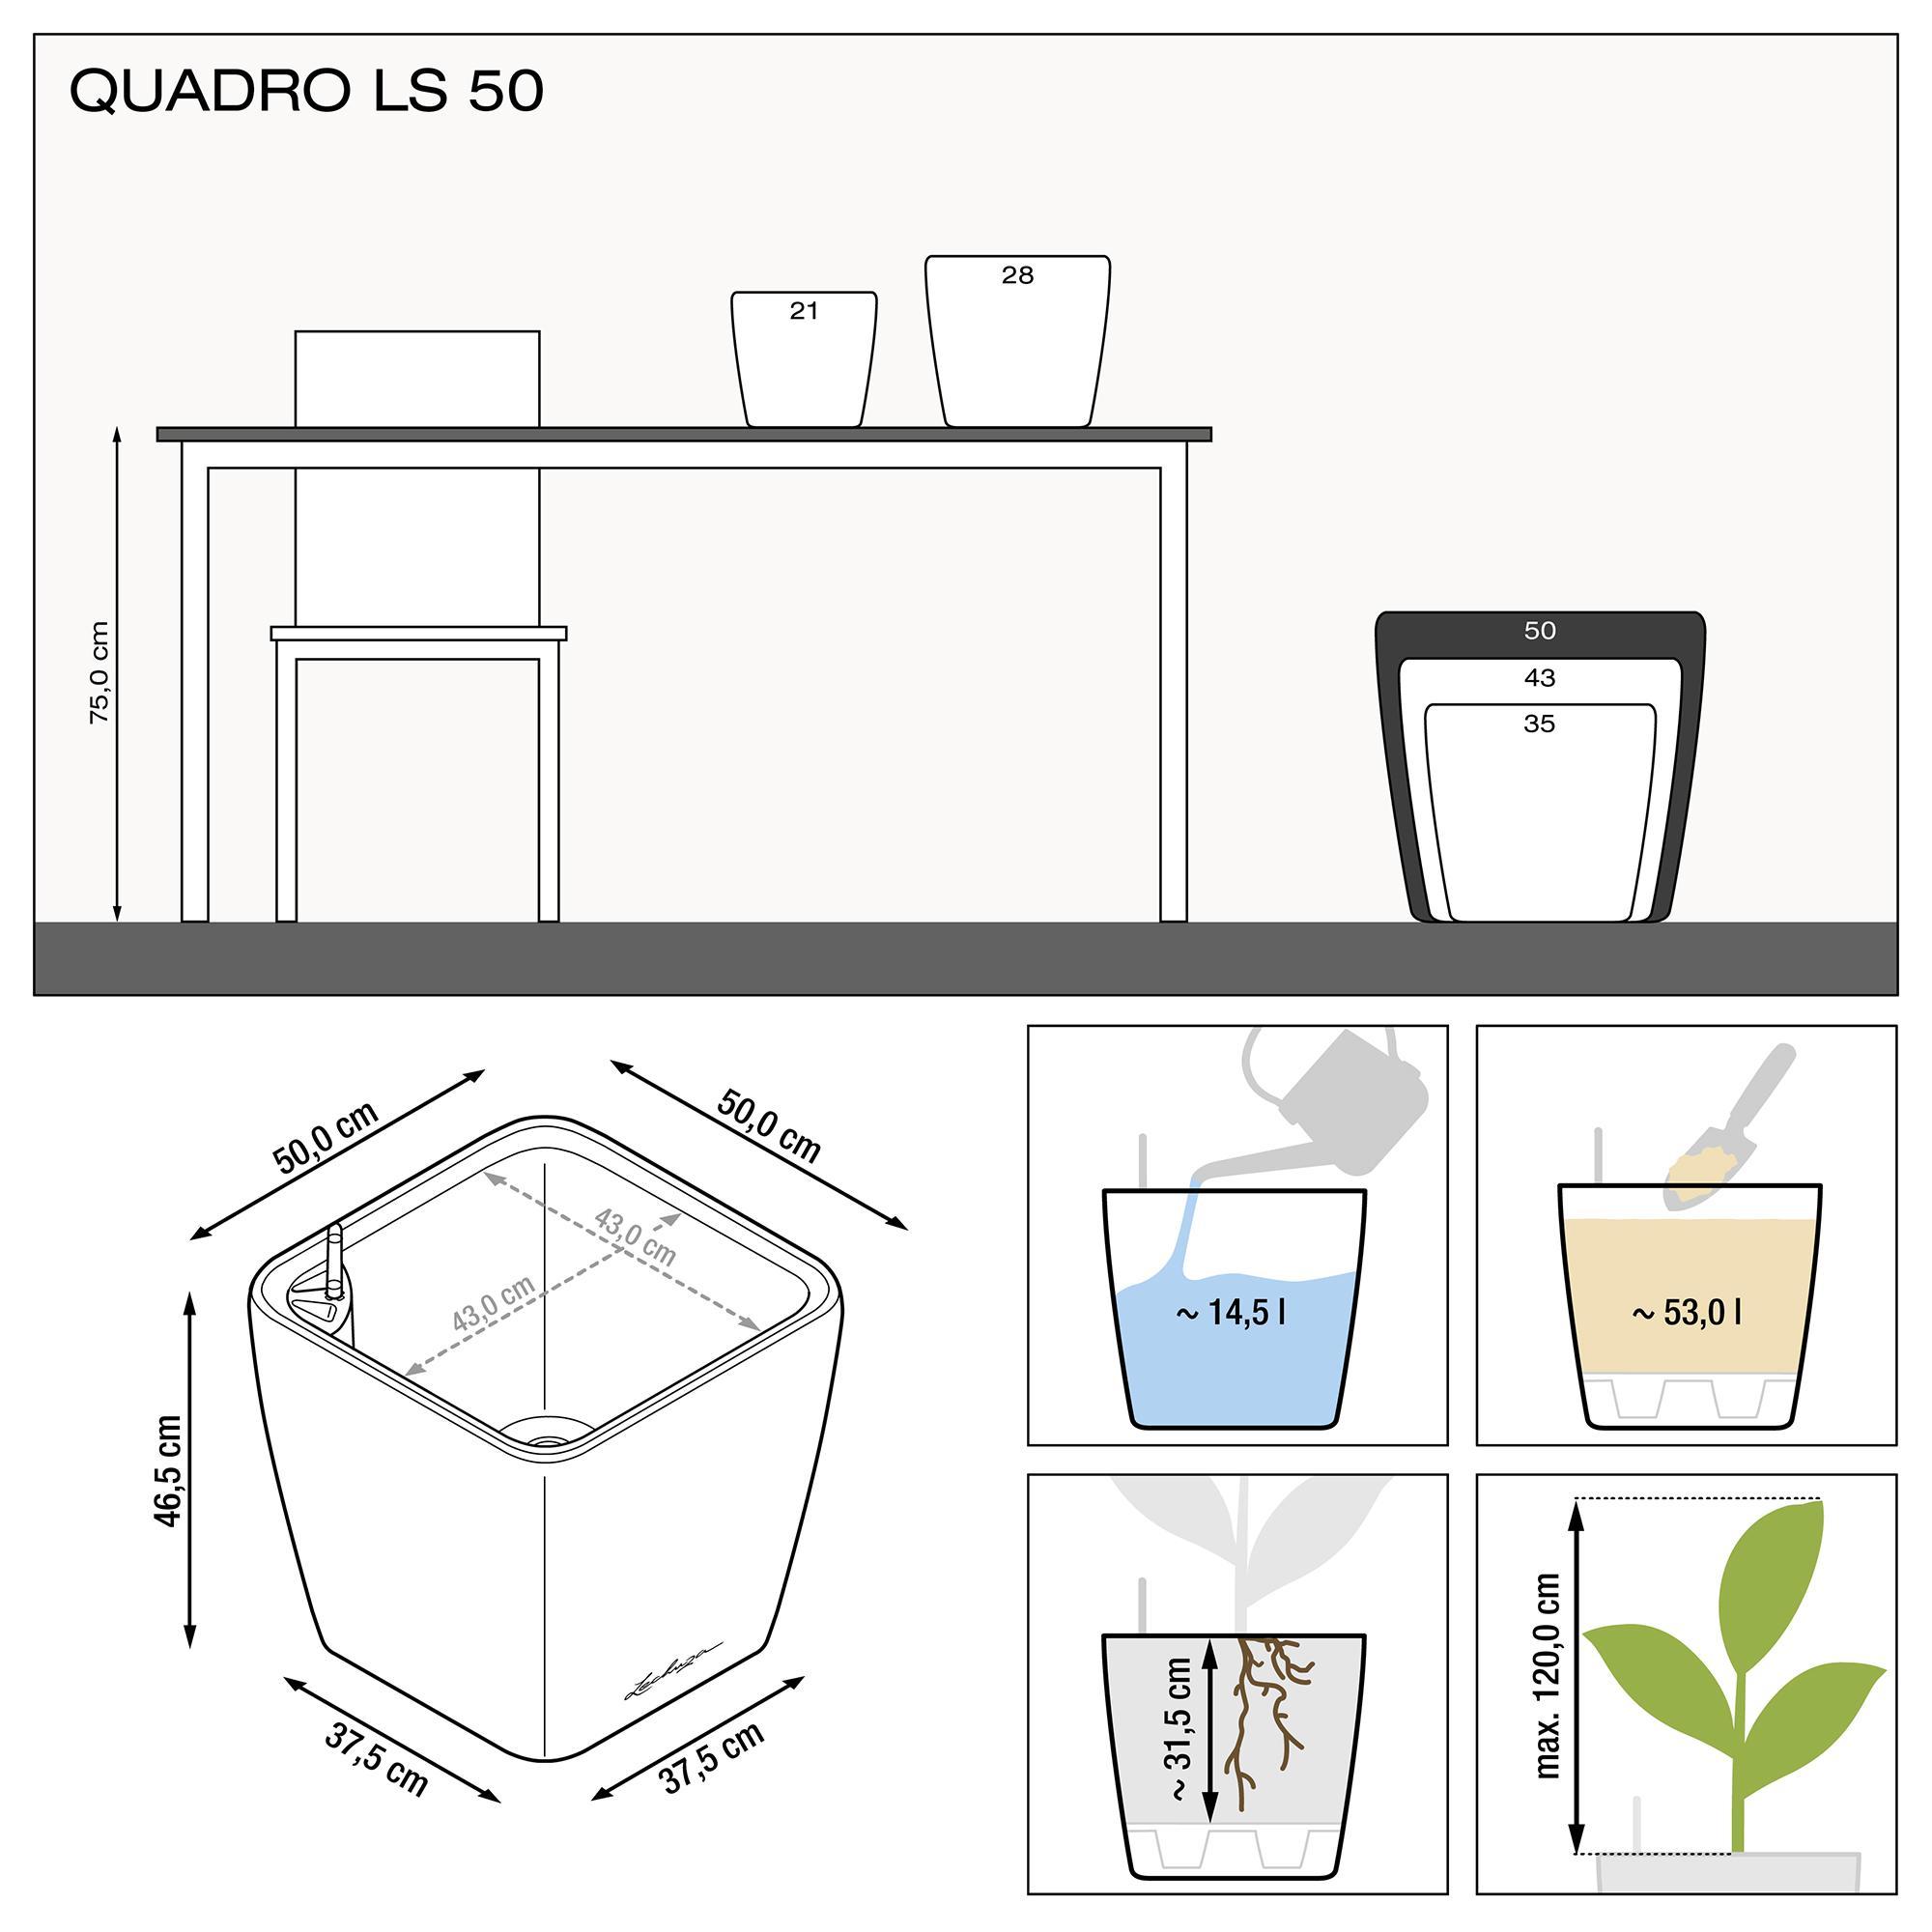 QUADRO LS 50 white high-gloss - Image 3